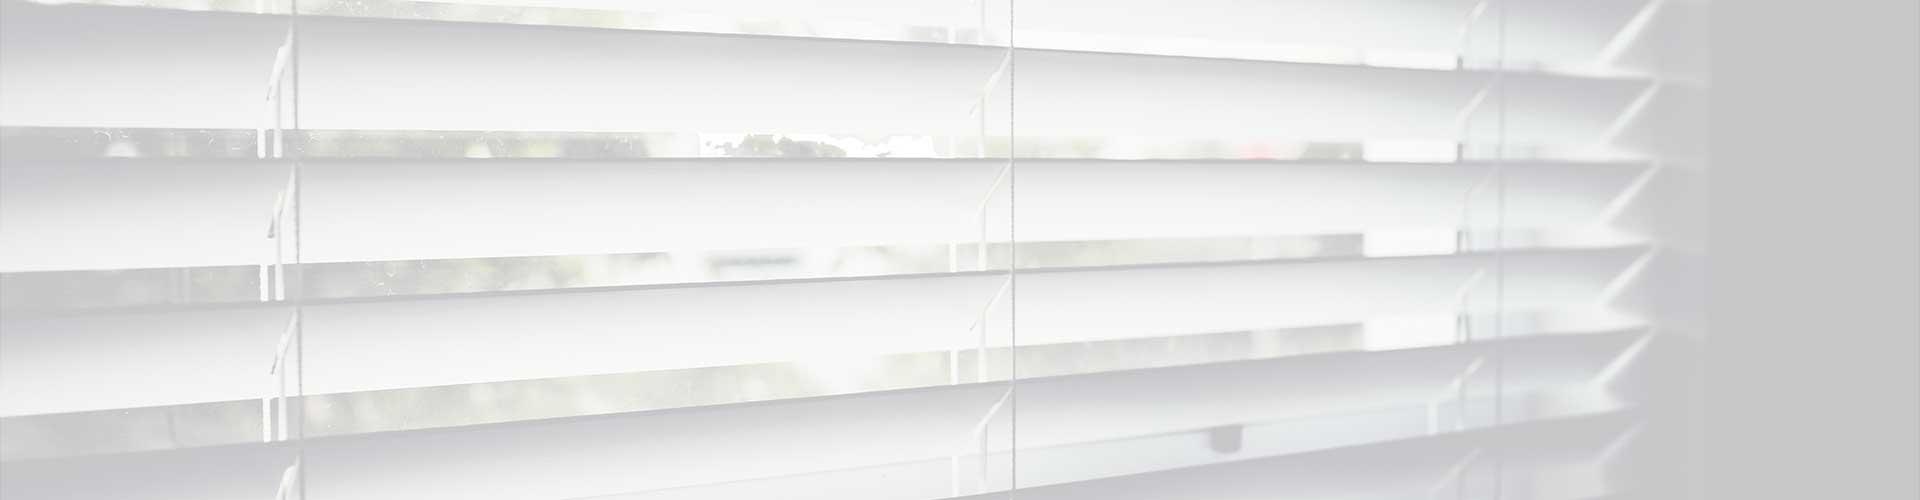 Une gamme de rideaux pour professionnels